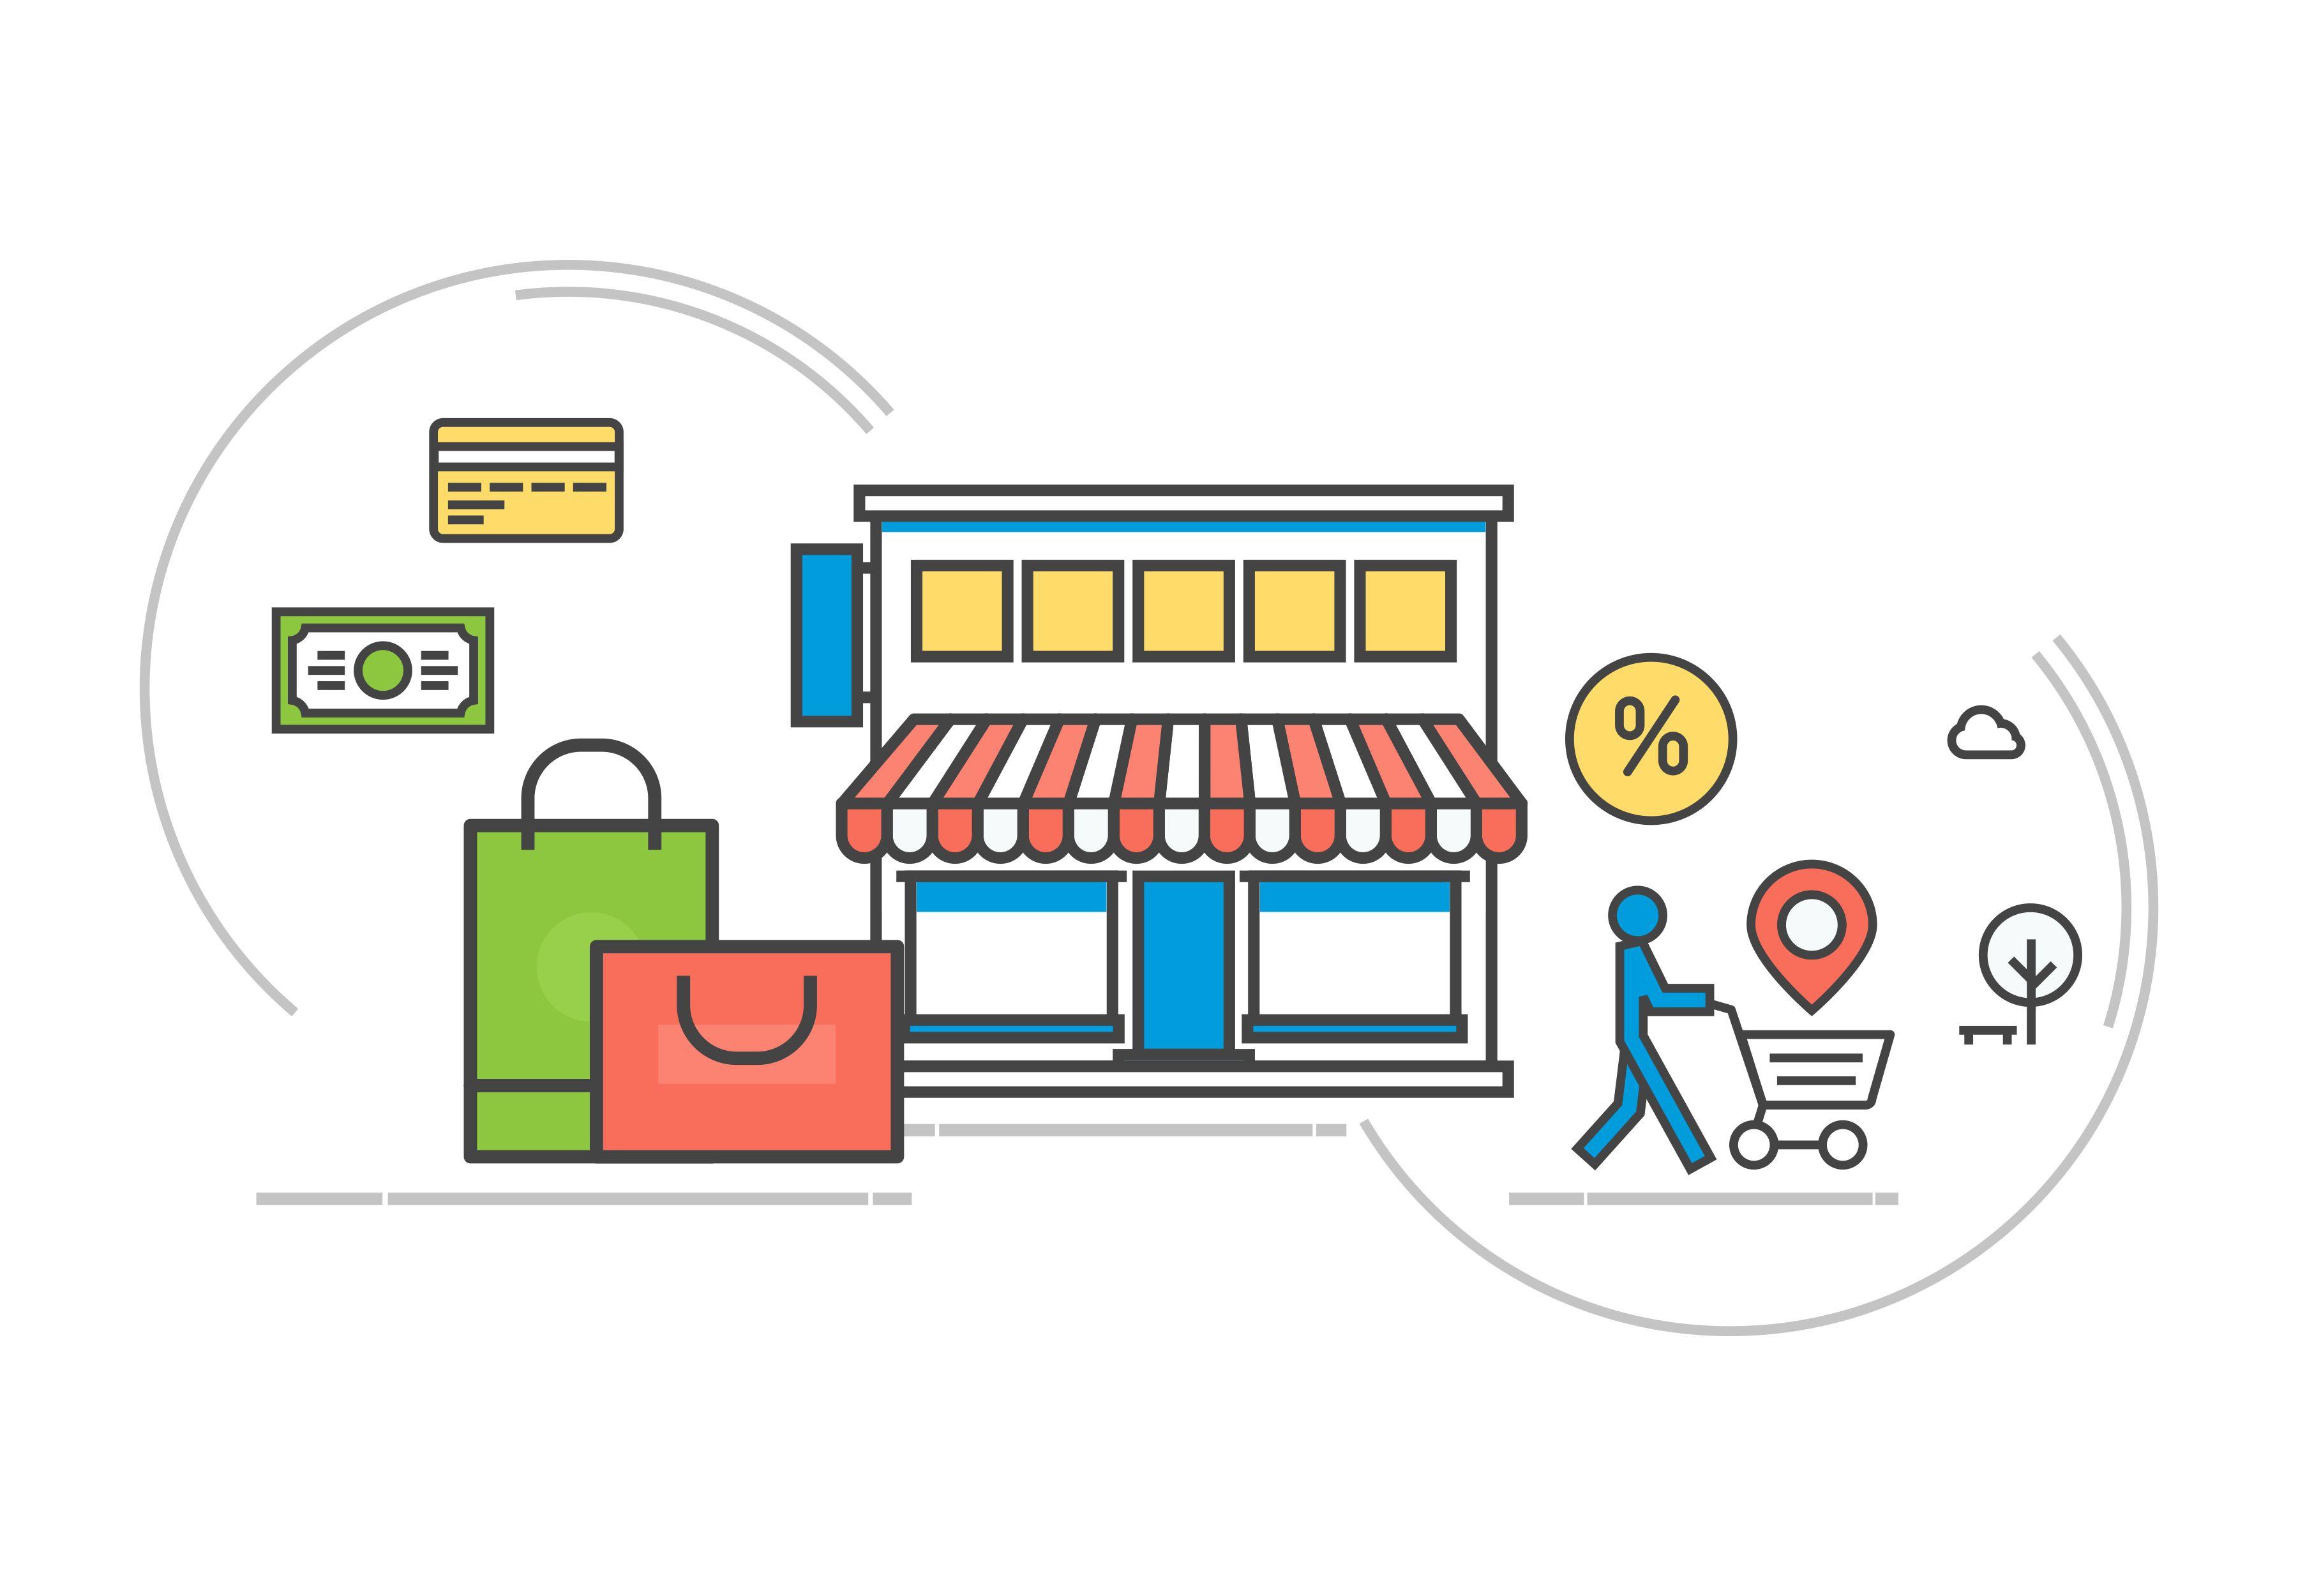 Tìm hiểu về nhà bán lẻ bạn cần biết gì?